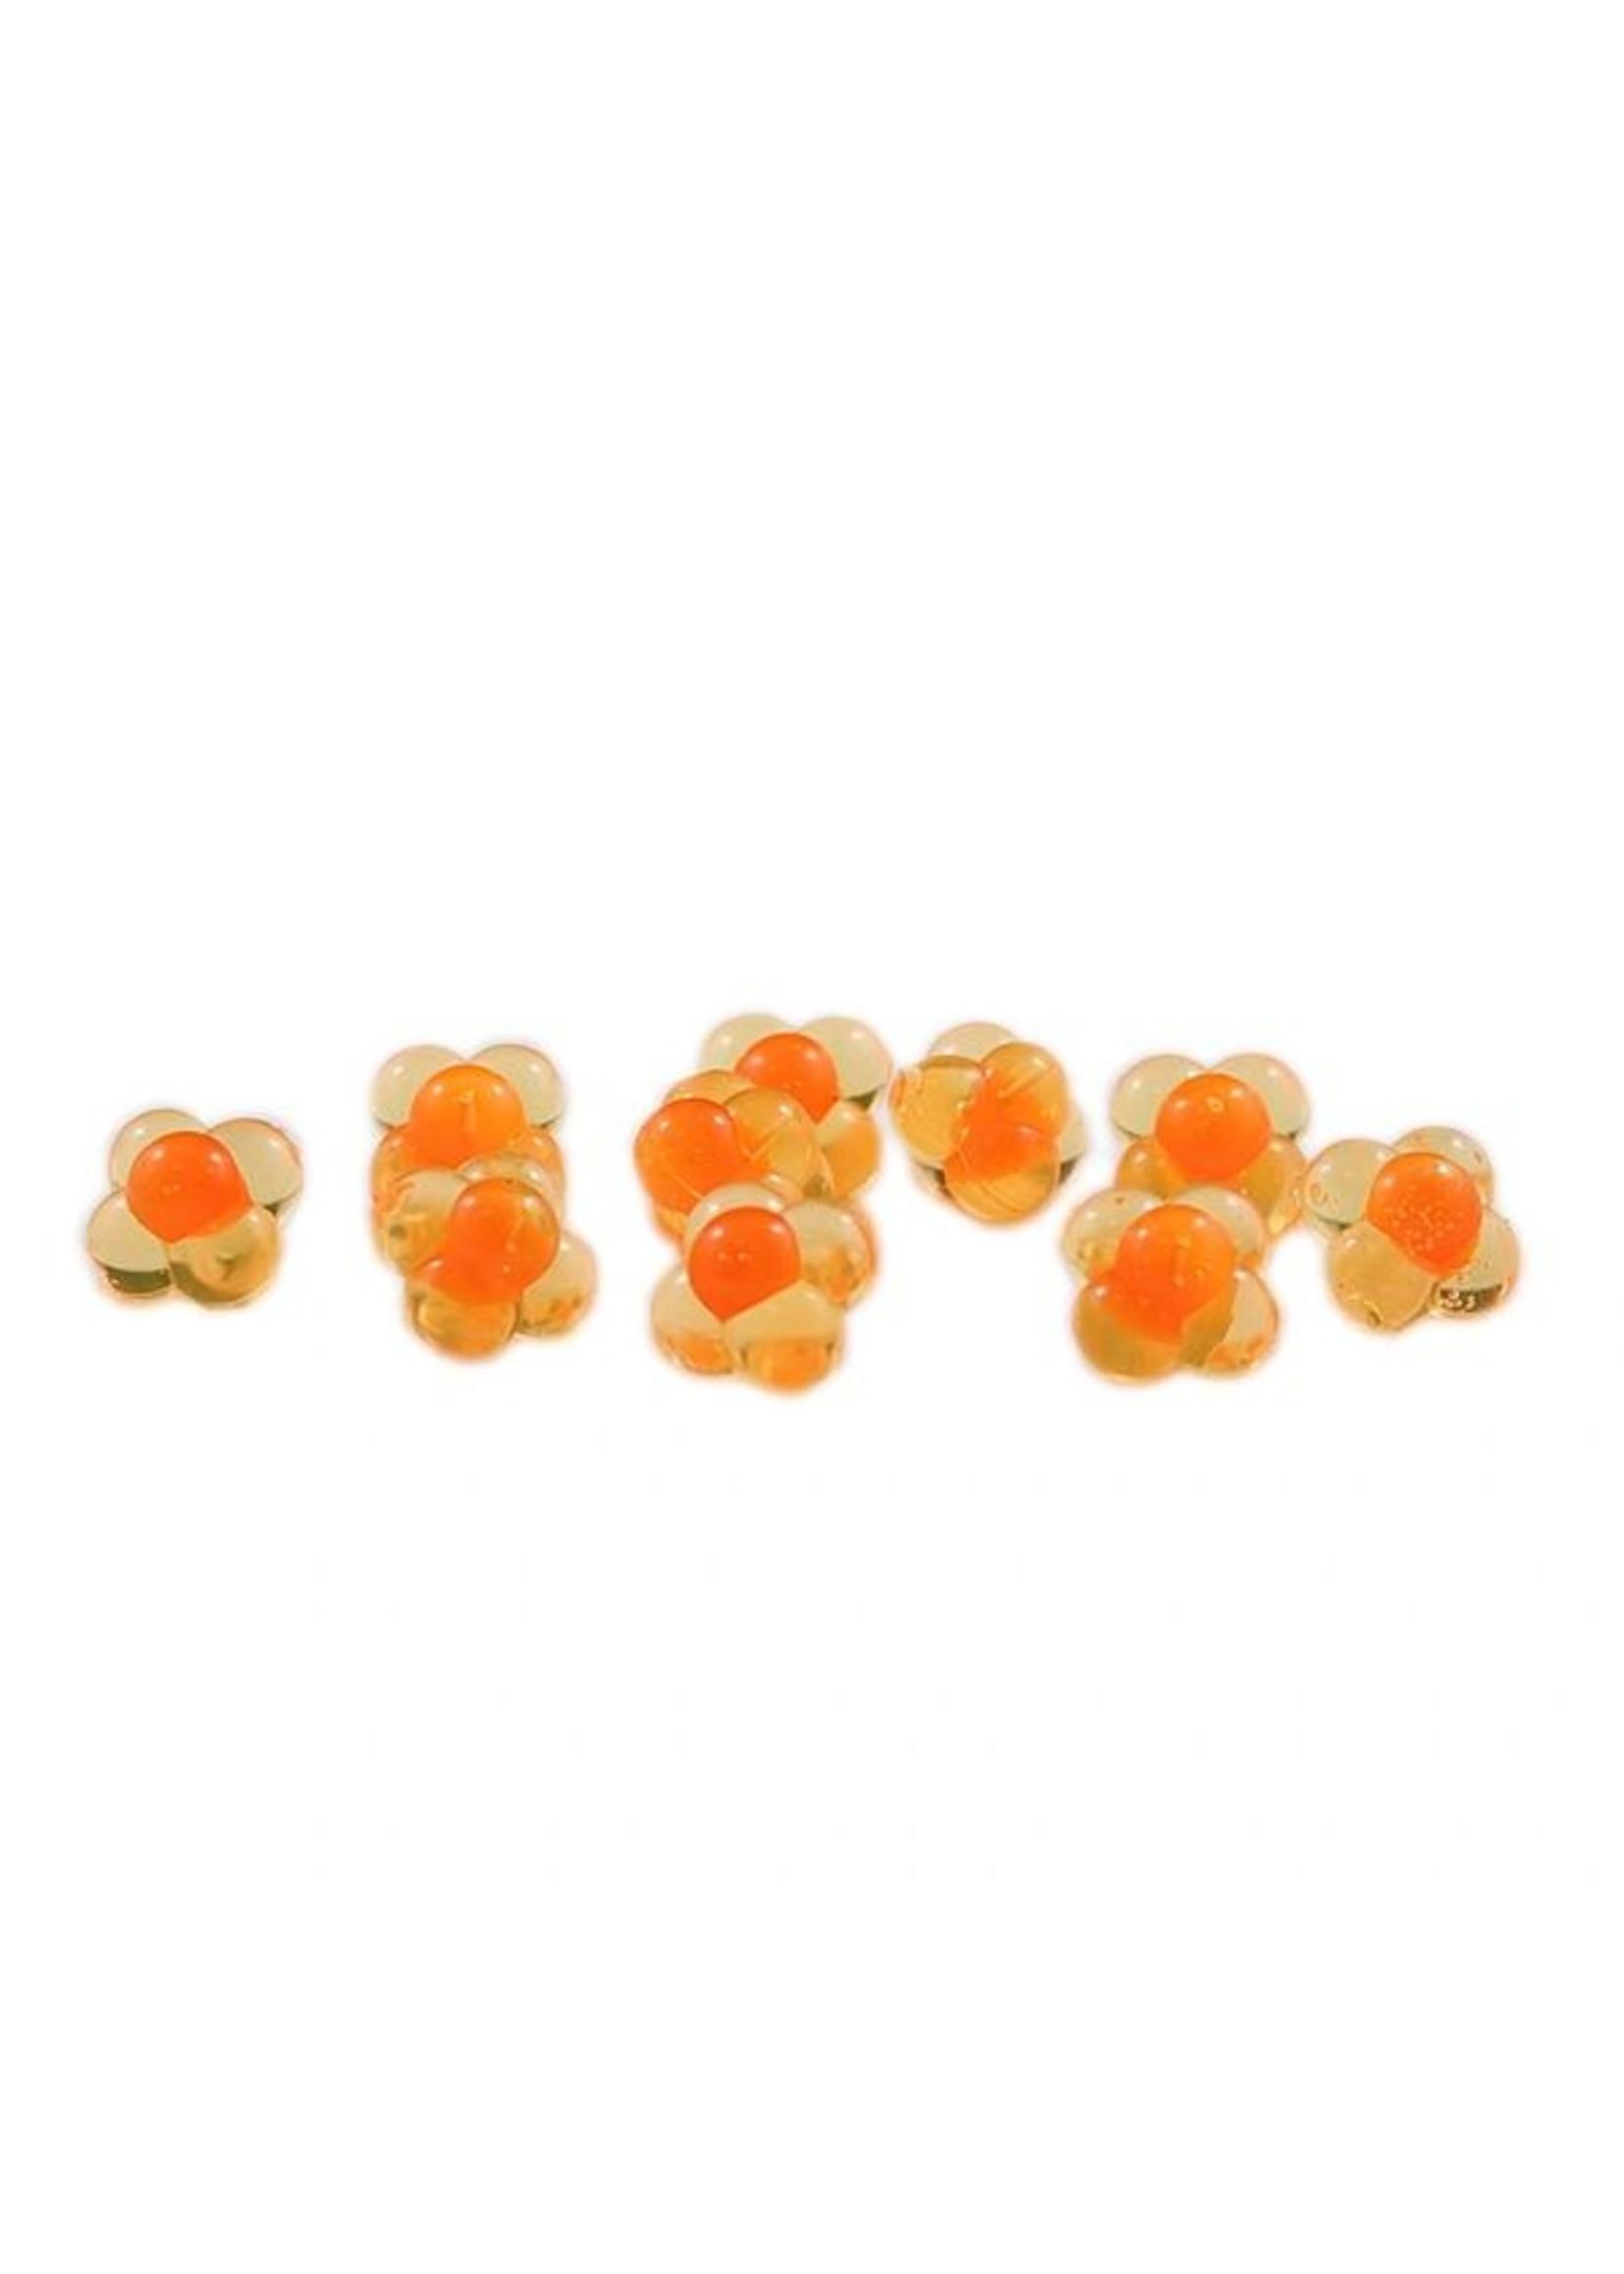 Cleardrift Cleardrift Embryo Egg Clusters Lg Nat Org w/Org Embryo